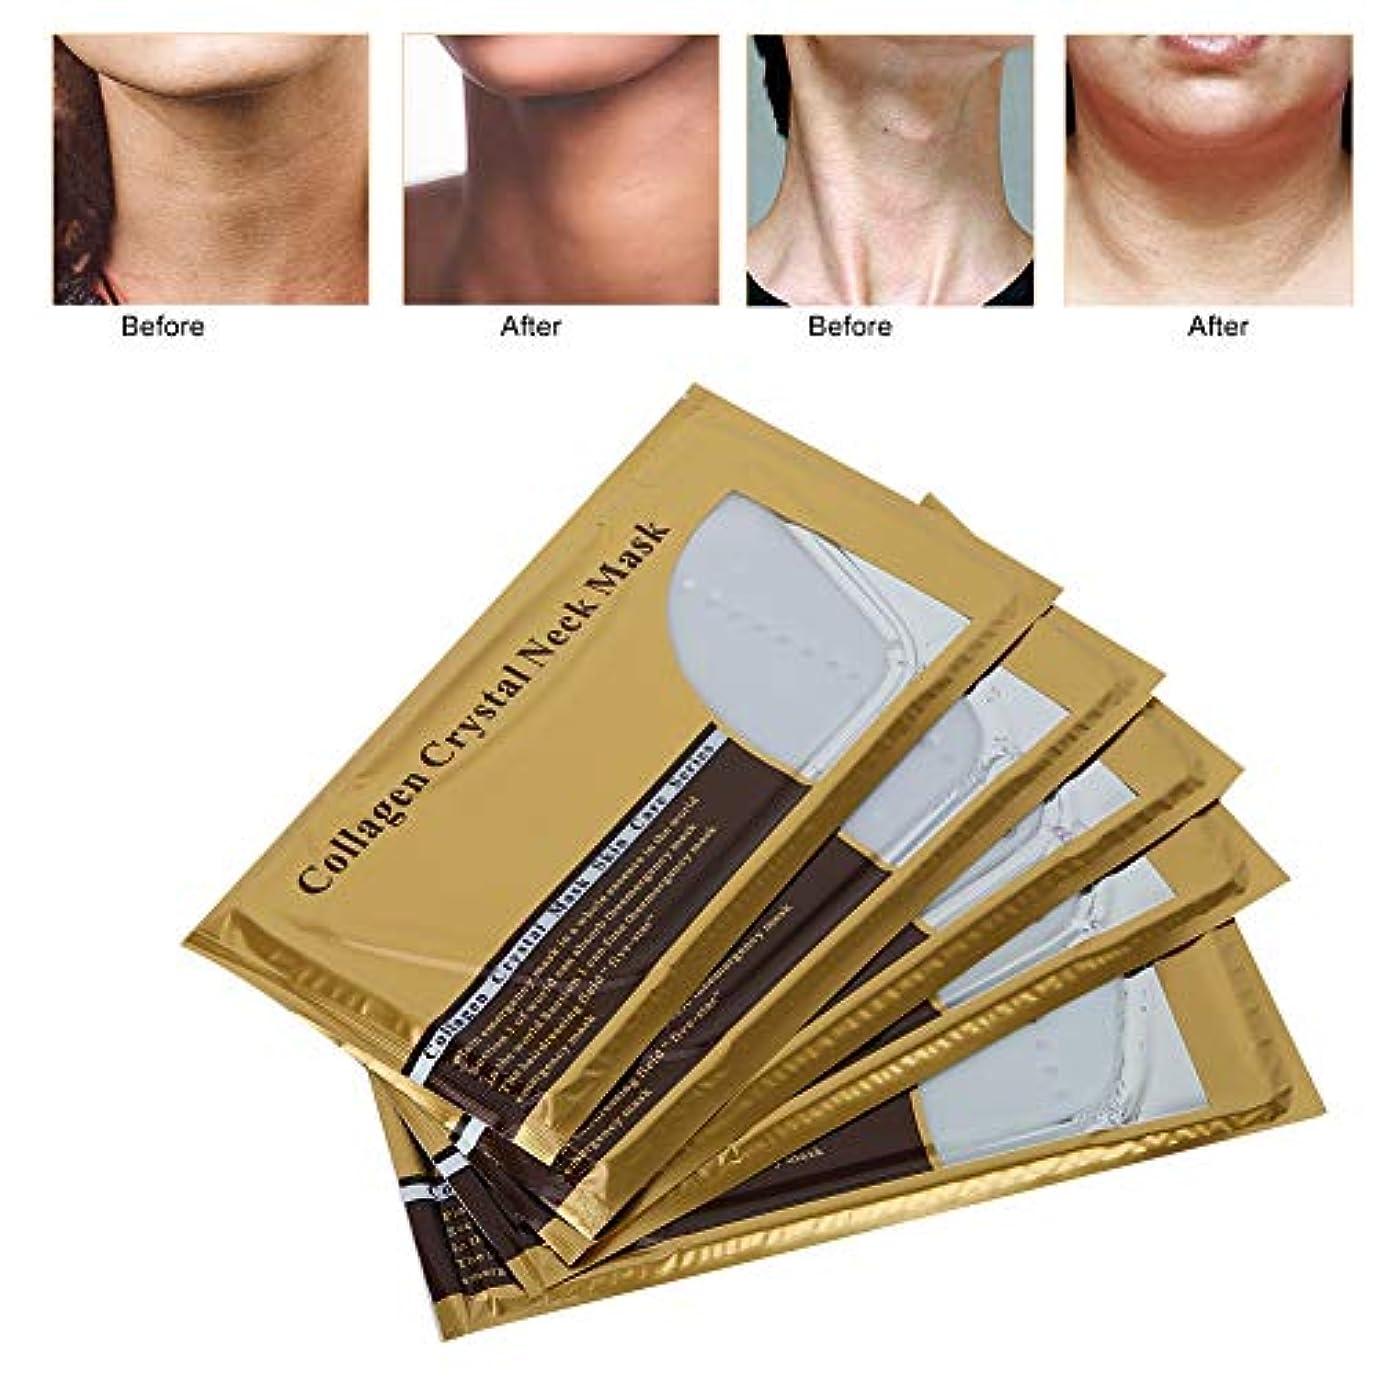 の間に洗剤ミニチュアネックスキンリニューアルマスク、5ピースコラーゲン肌のリラクゼーションスキンケアマスク用あごリフティング剥離ホワイトニング引き締めより良い保湿水分補給